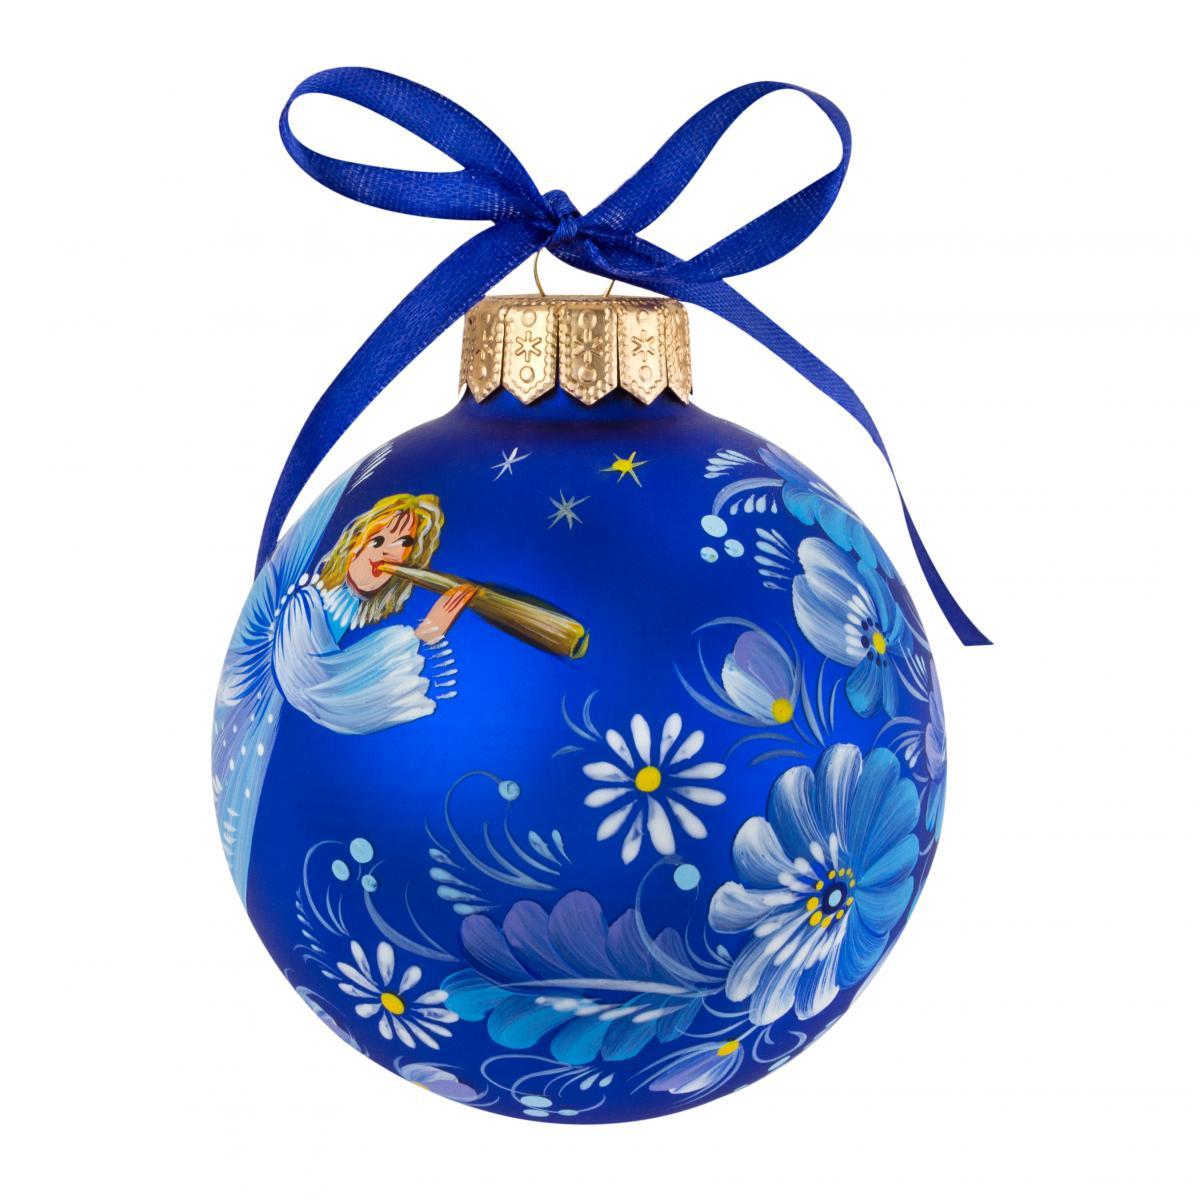 Елочный шарик. Фото №2.   Народный дом Украина